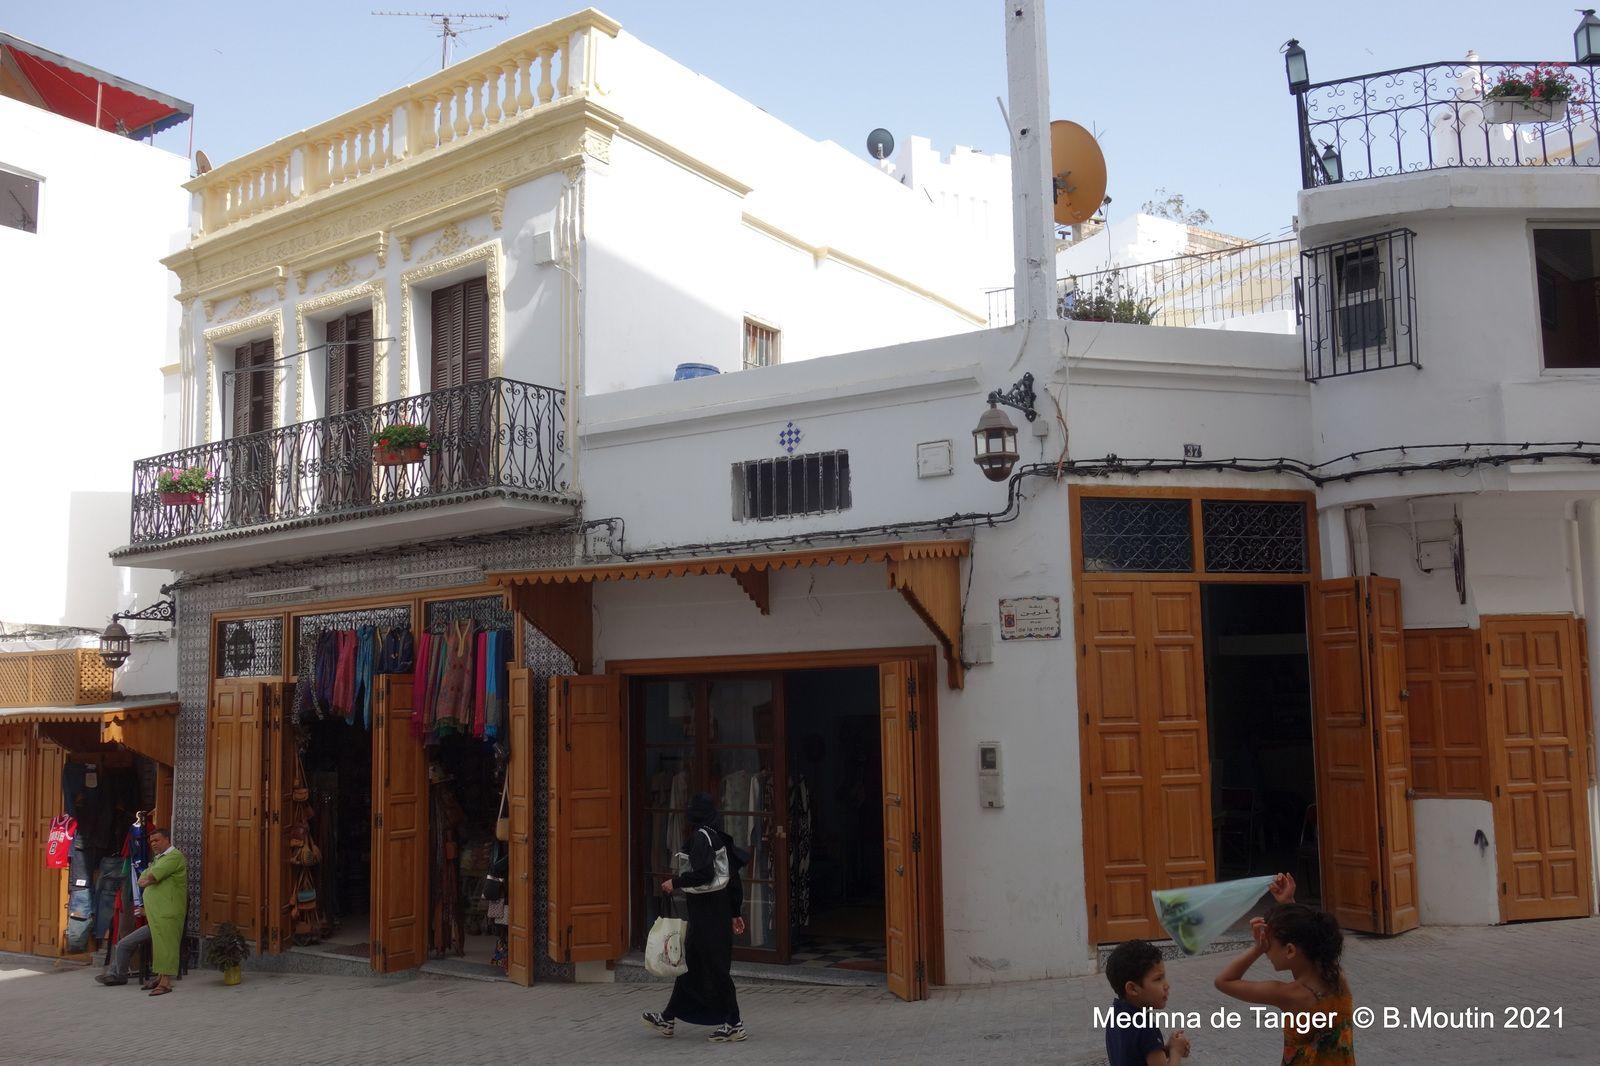 La medina de Tanger (4 photos)